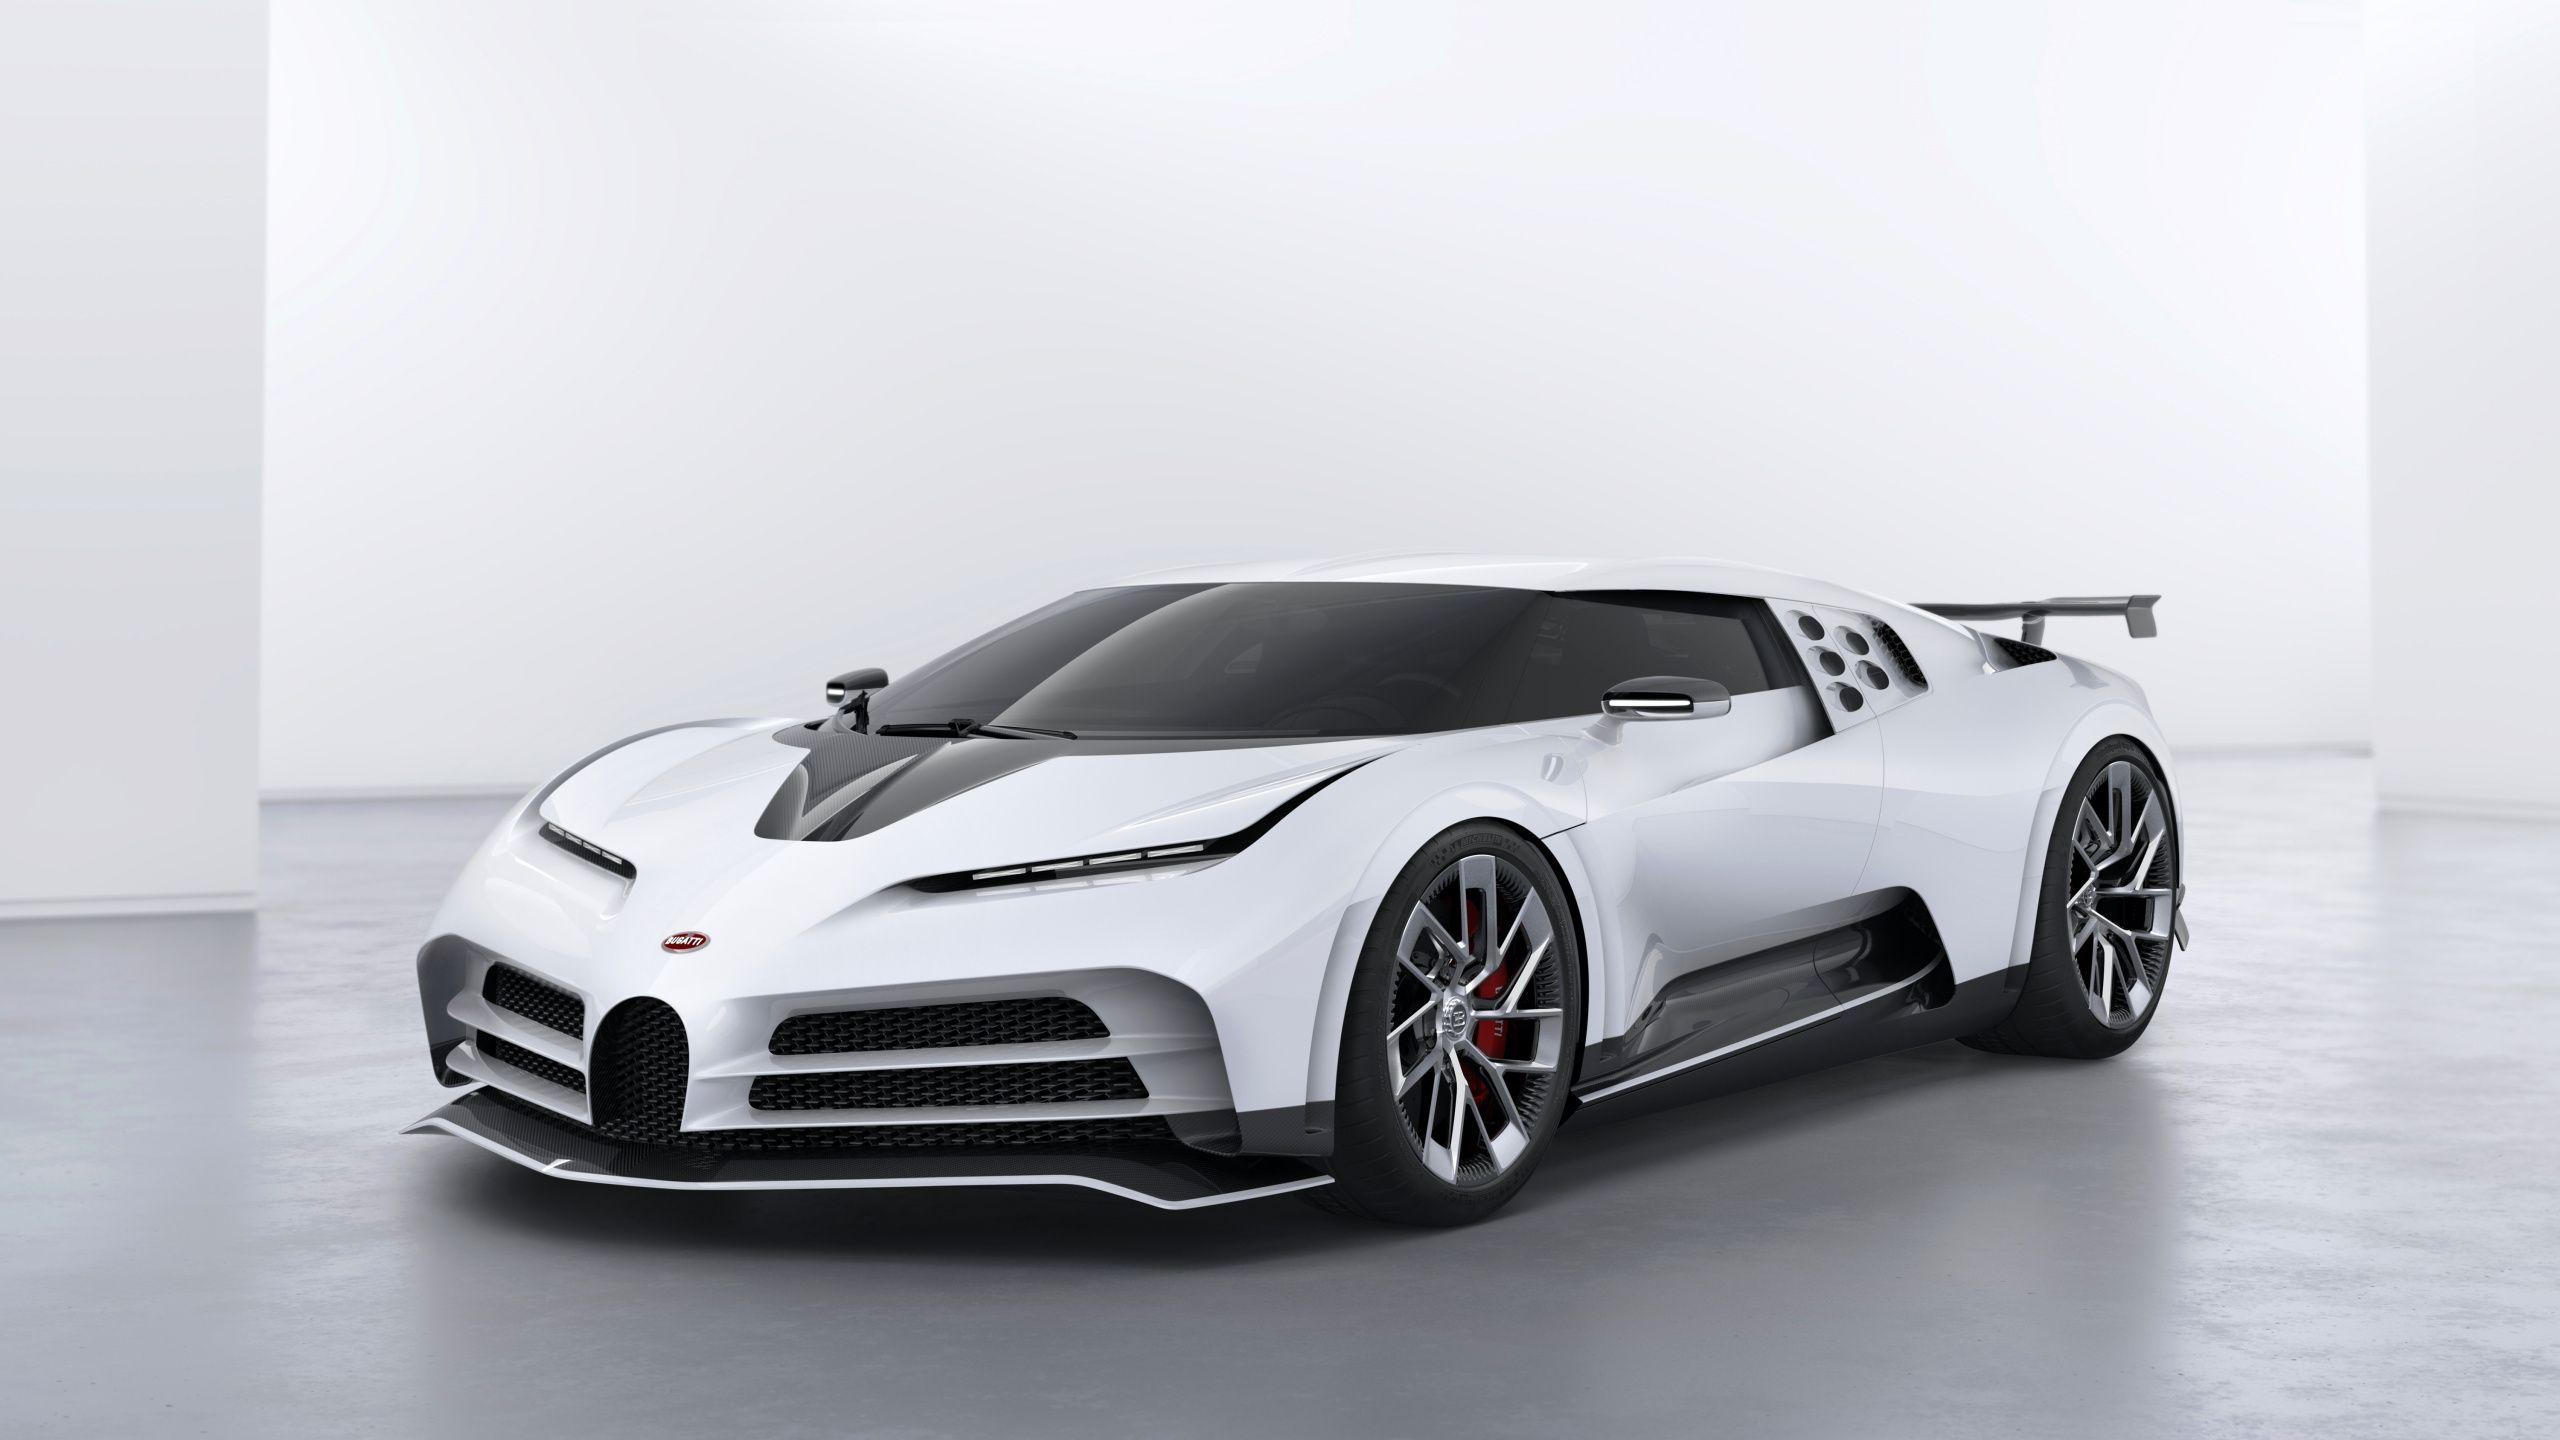 2560x1440 Bugatti Centodieci Sports Car 2019 Wallpaper Sports Cars Bugatti Super Cars Bugatti